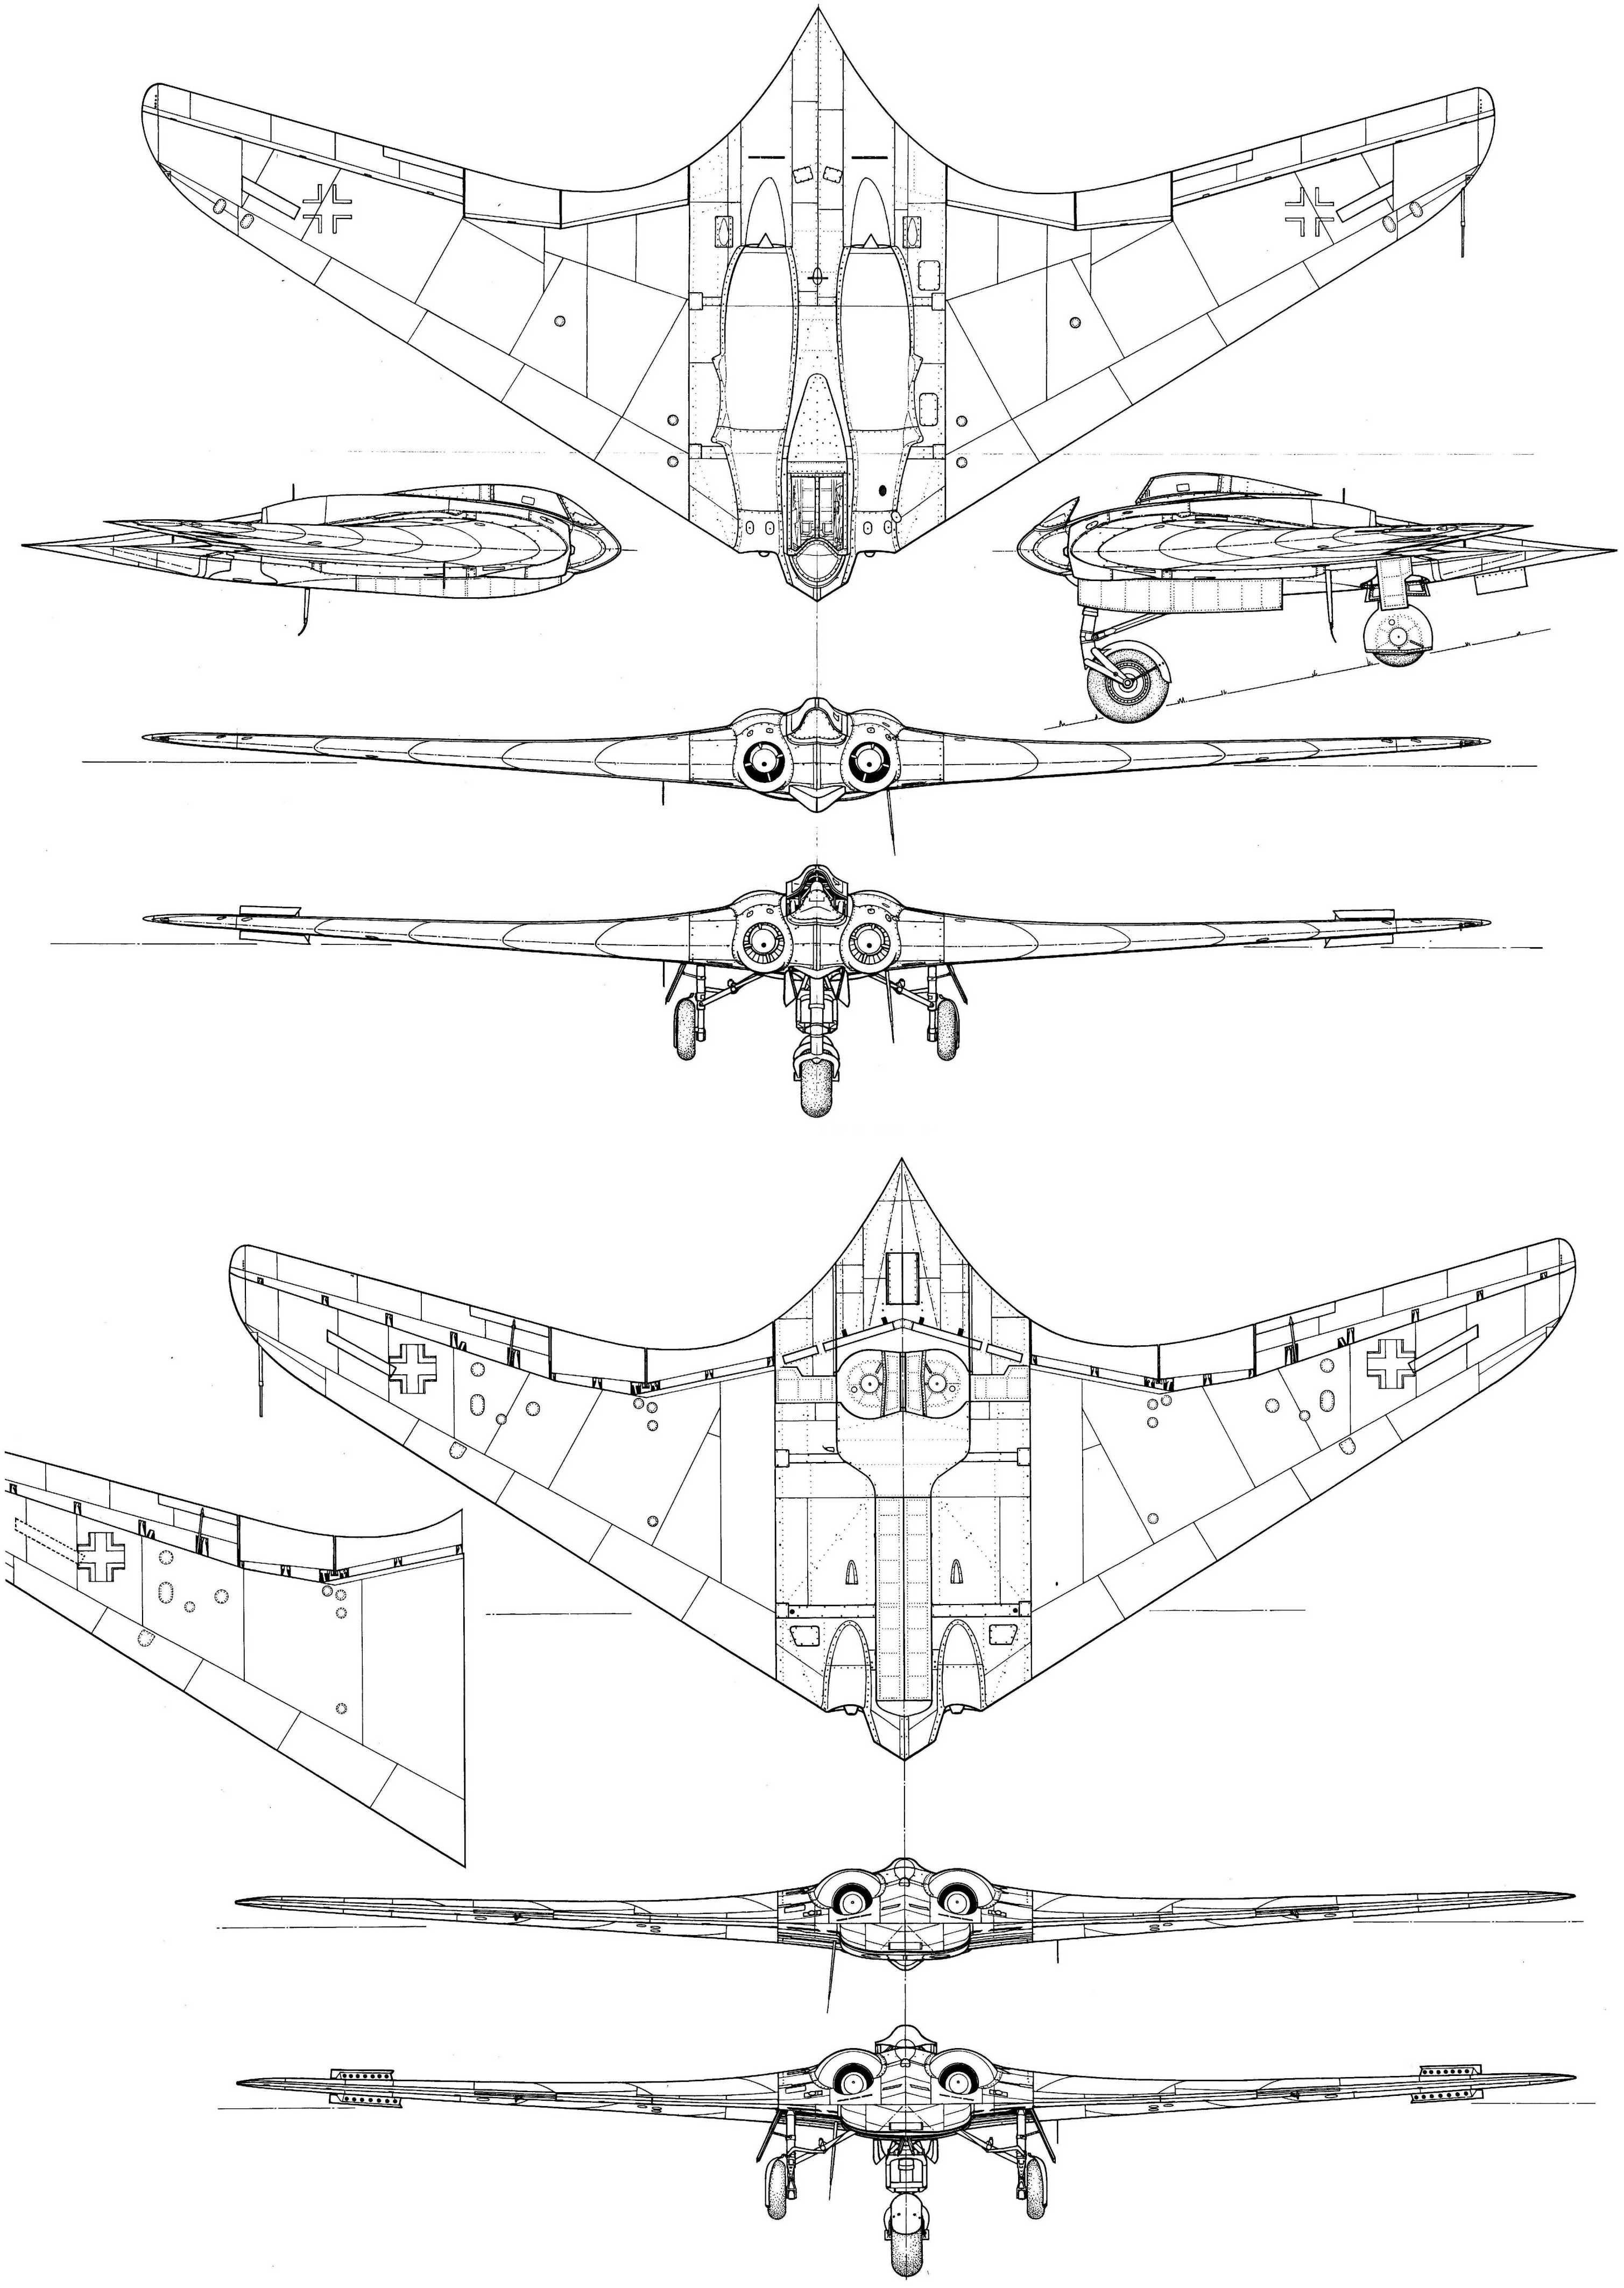 Horton-229A_1944a.jpg (JPEG Image, 3018×4252 pixels)